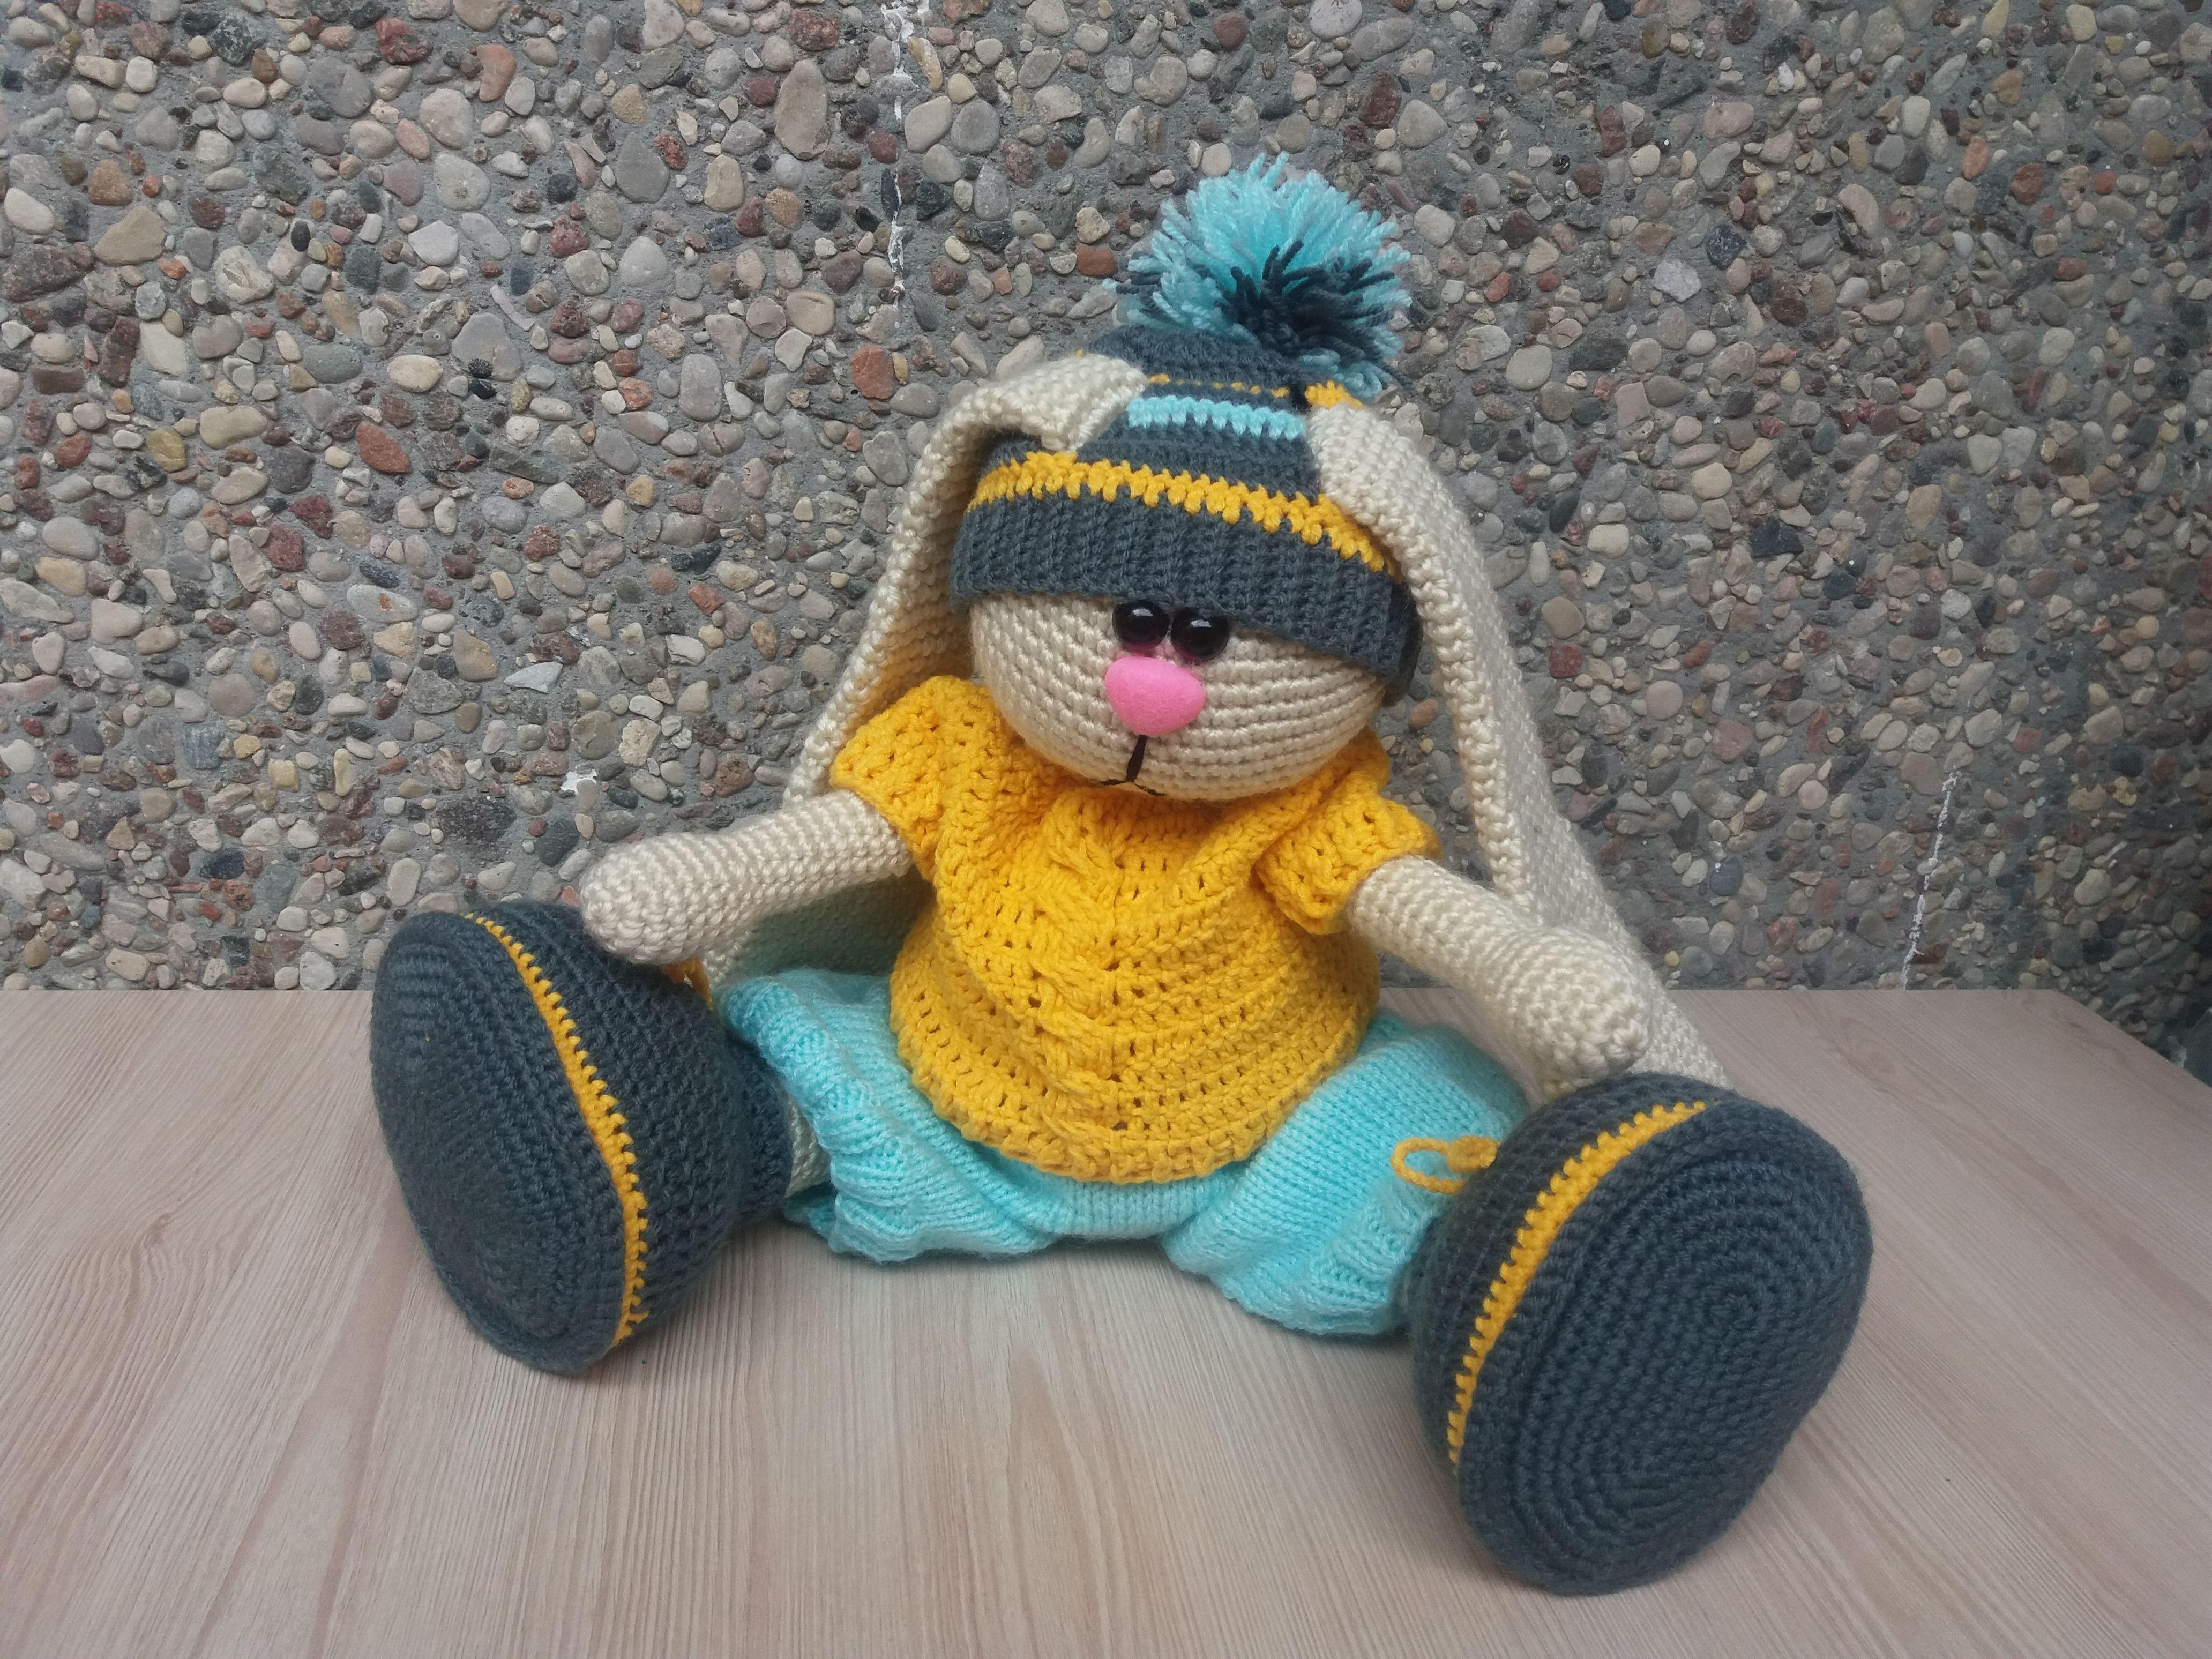 заяц handmade вязание ручная зайка made_by_nika заказ для крючком детей работа подарок